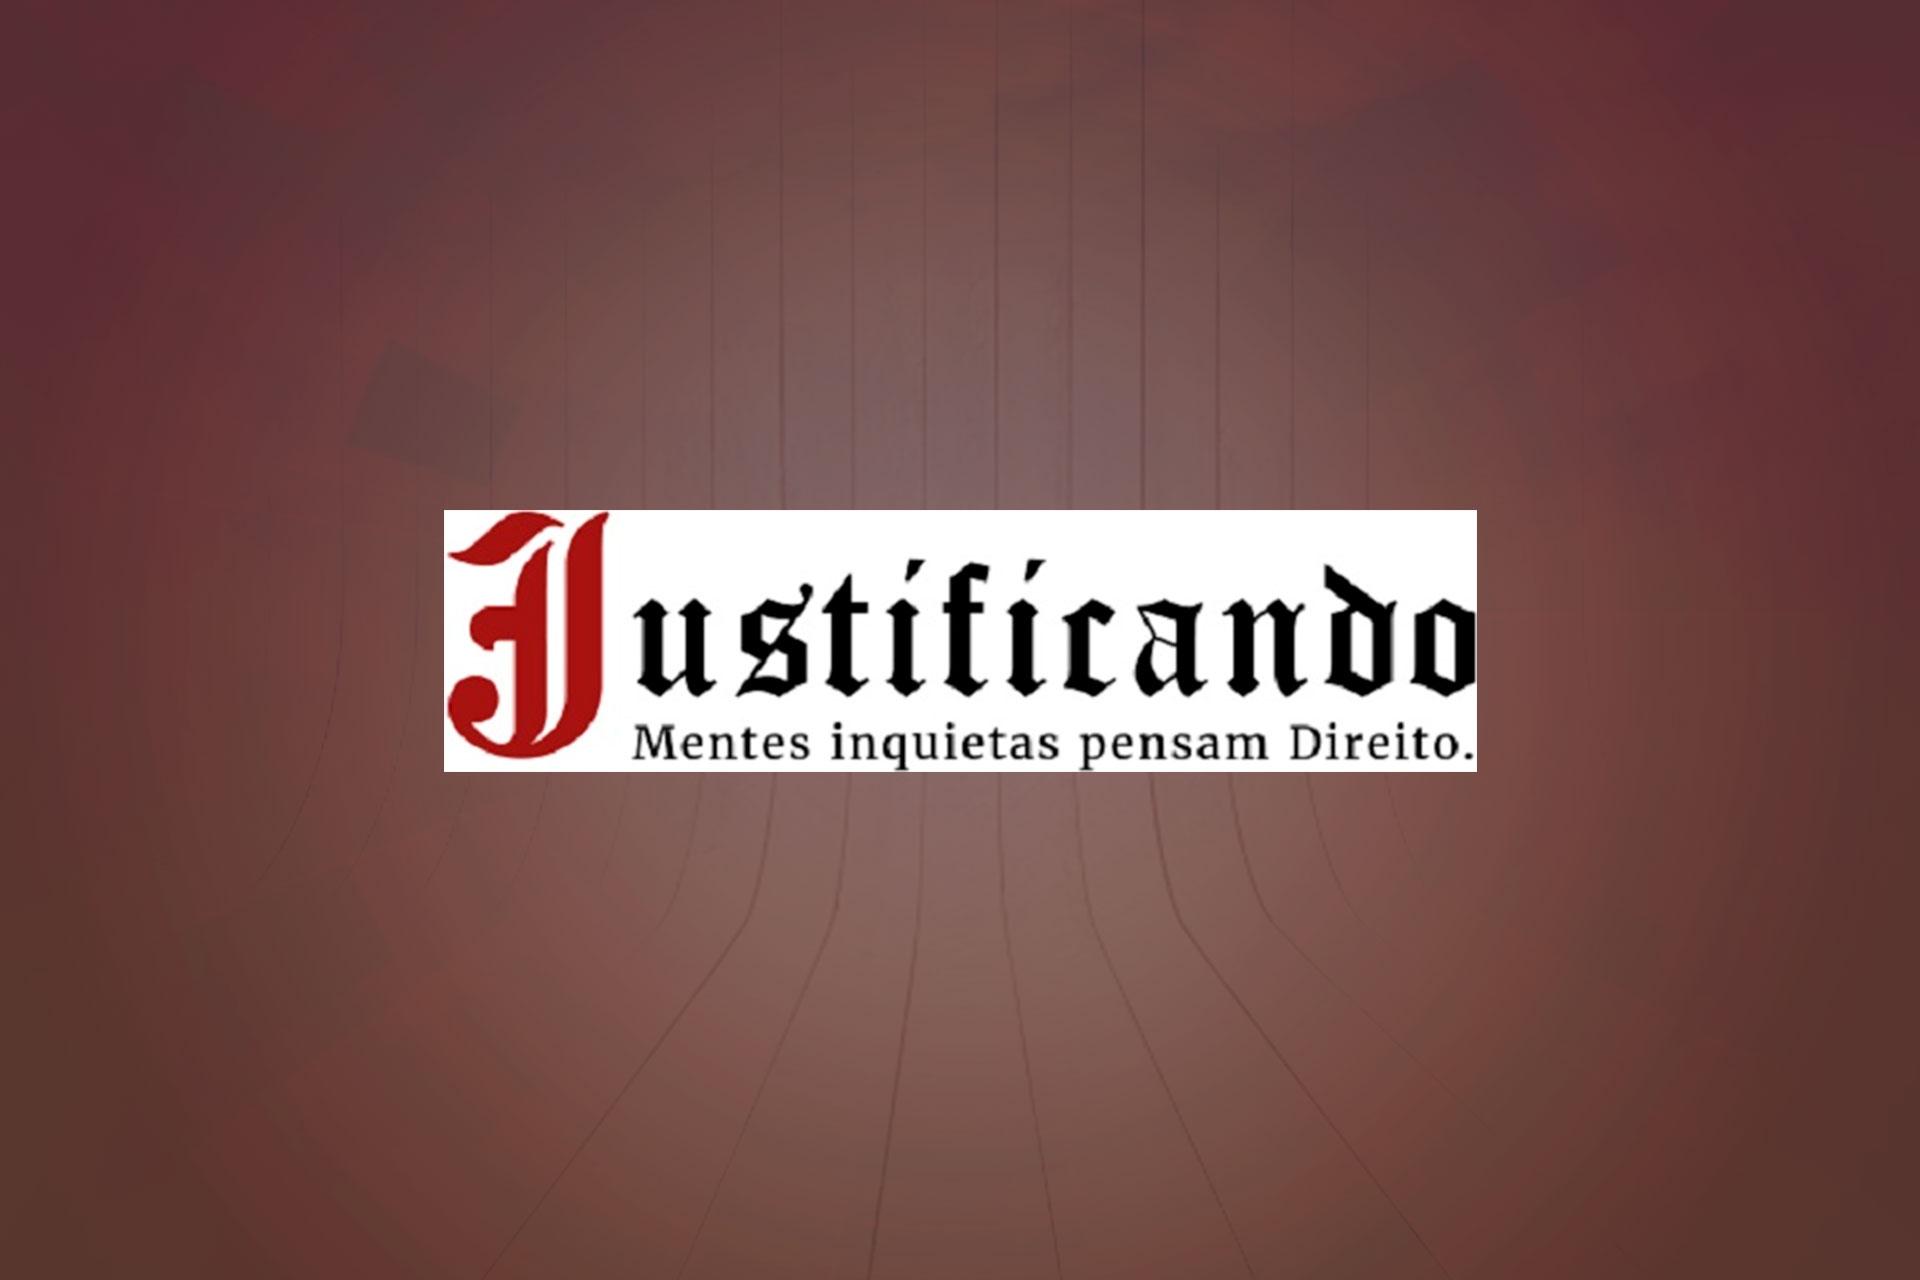 Artigo: A criminalização da pobreza no Brasil